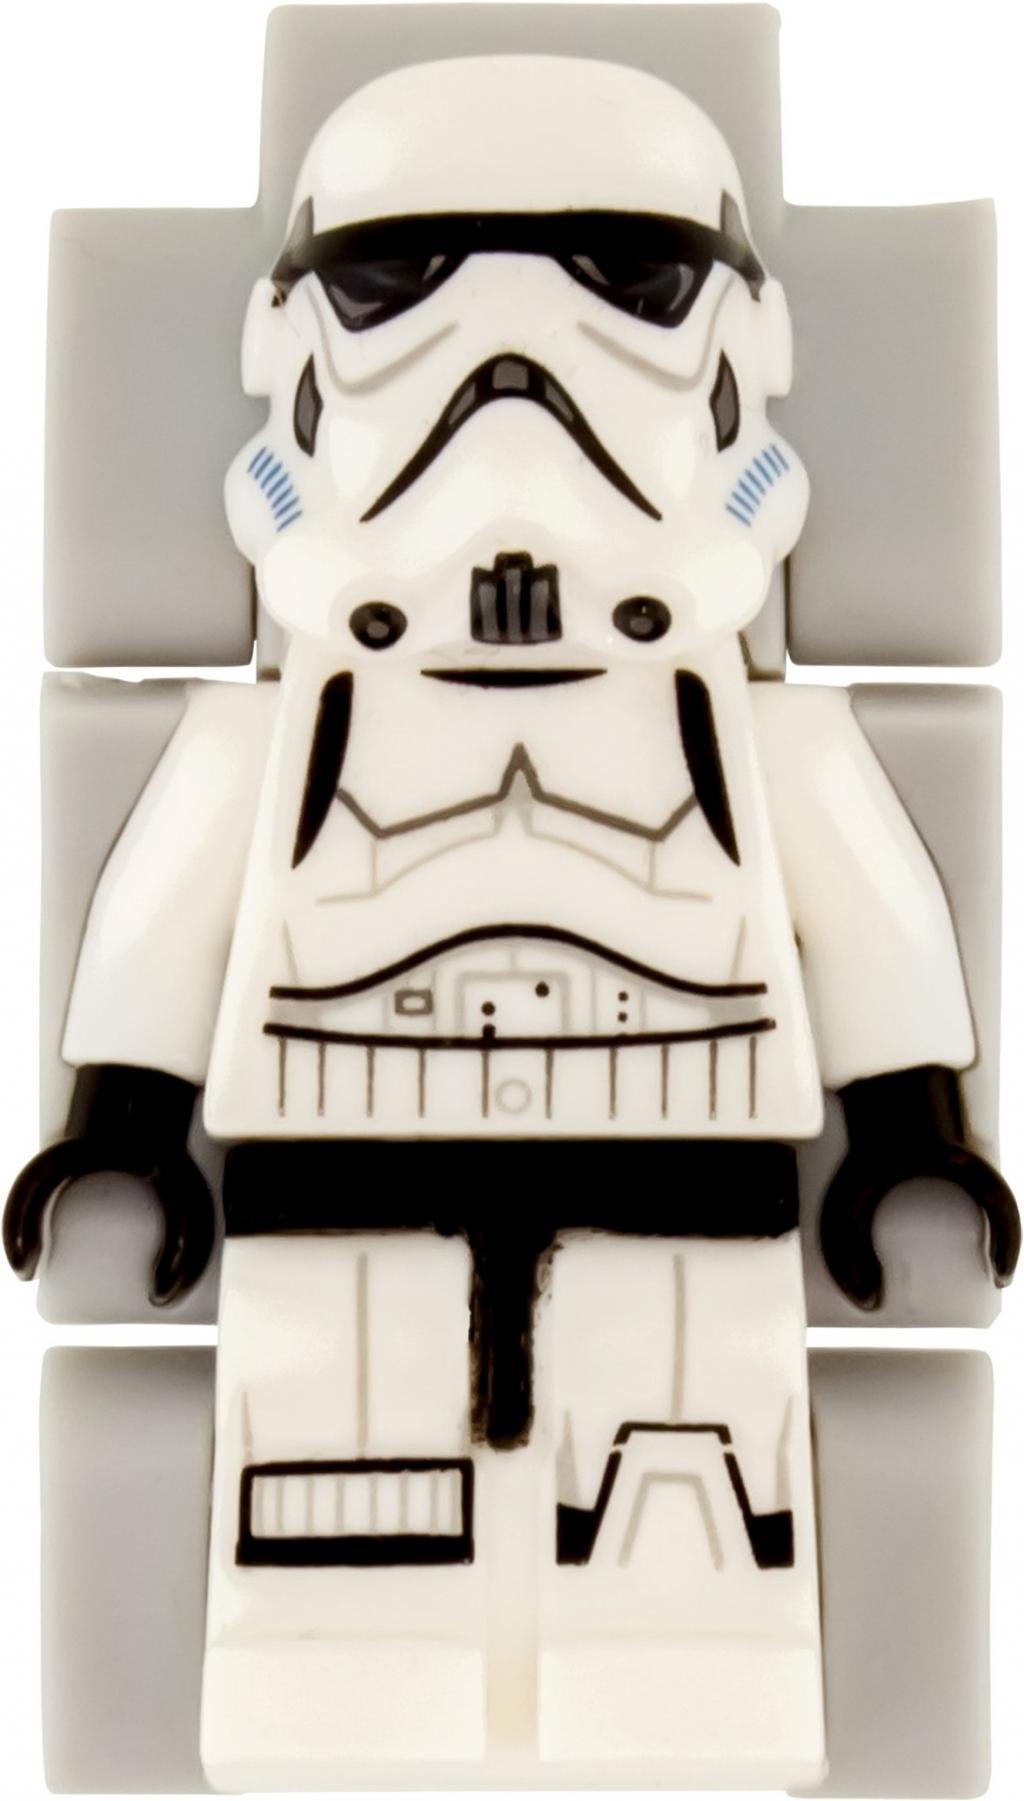 lego star wars storm l horloge lego. Black Bedroom Furniture Sets. Home Design Ideas